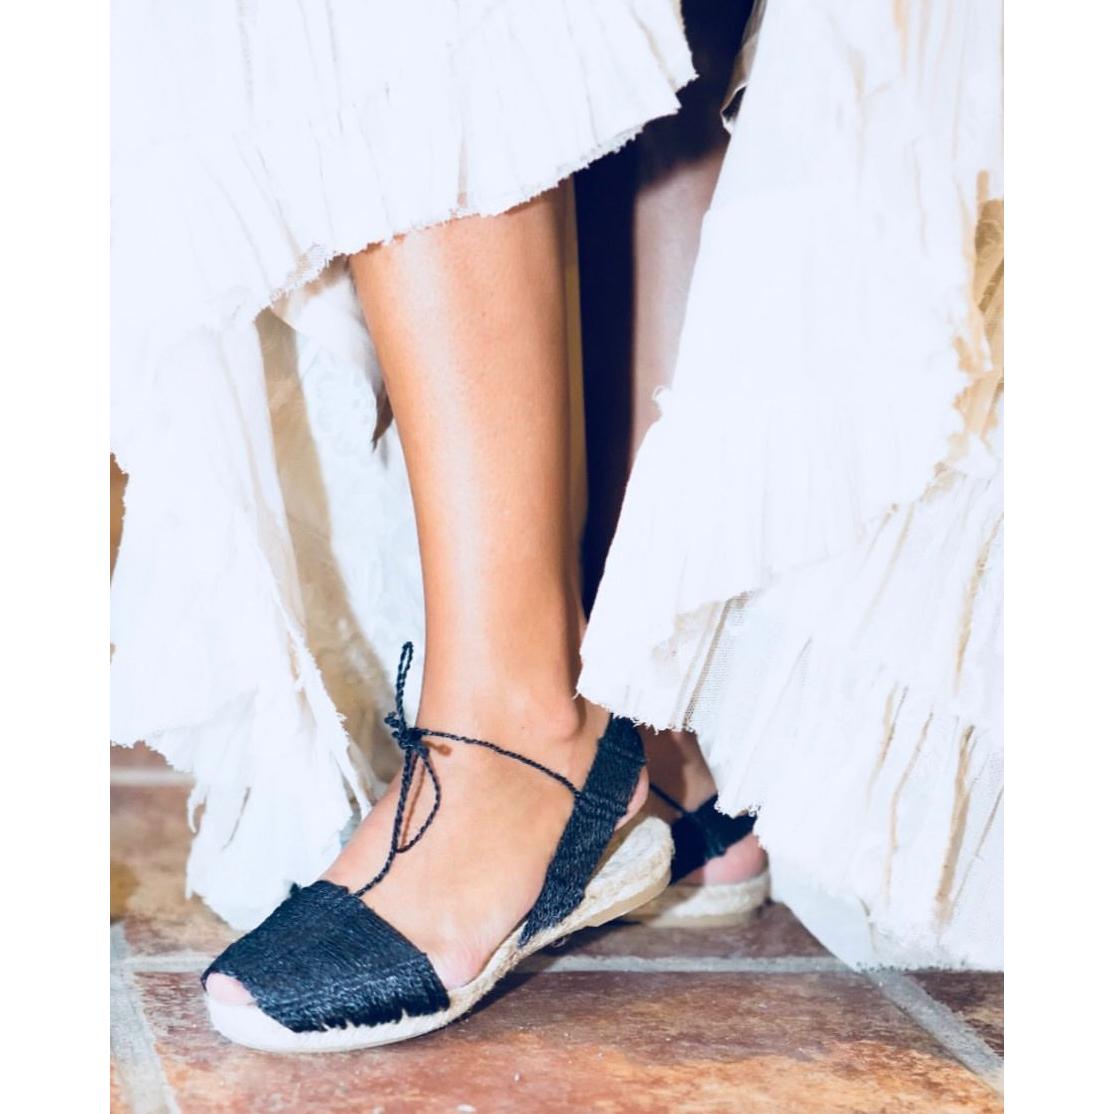 Cinderella Tus pies son los más bonitos Alpargatas planas mediterráneas Ball Pagès